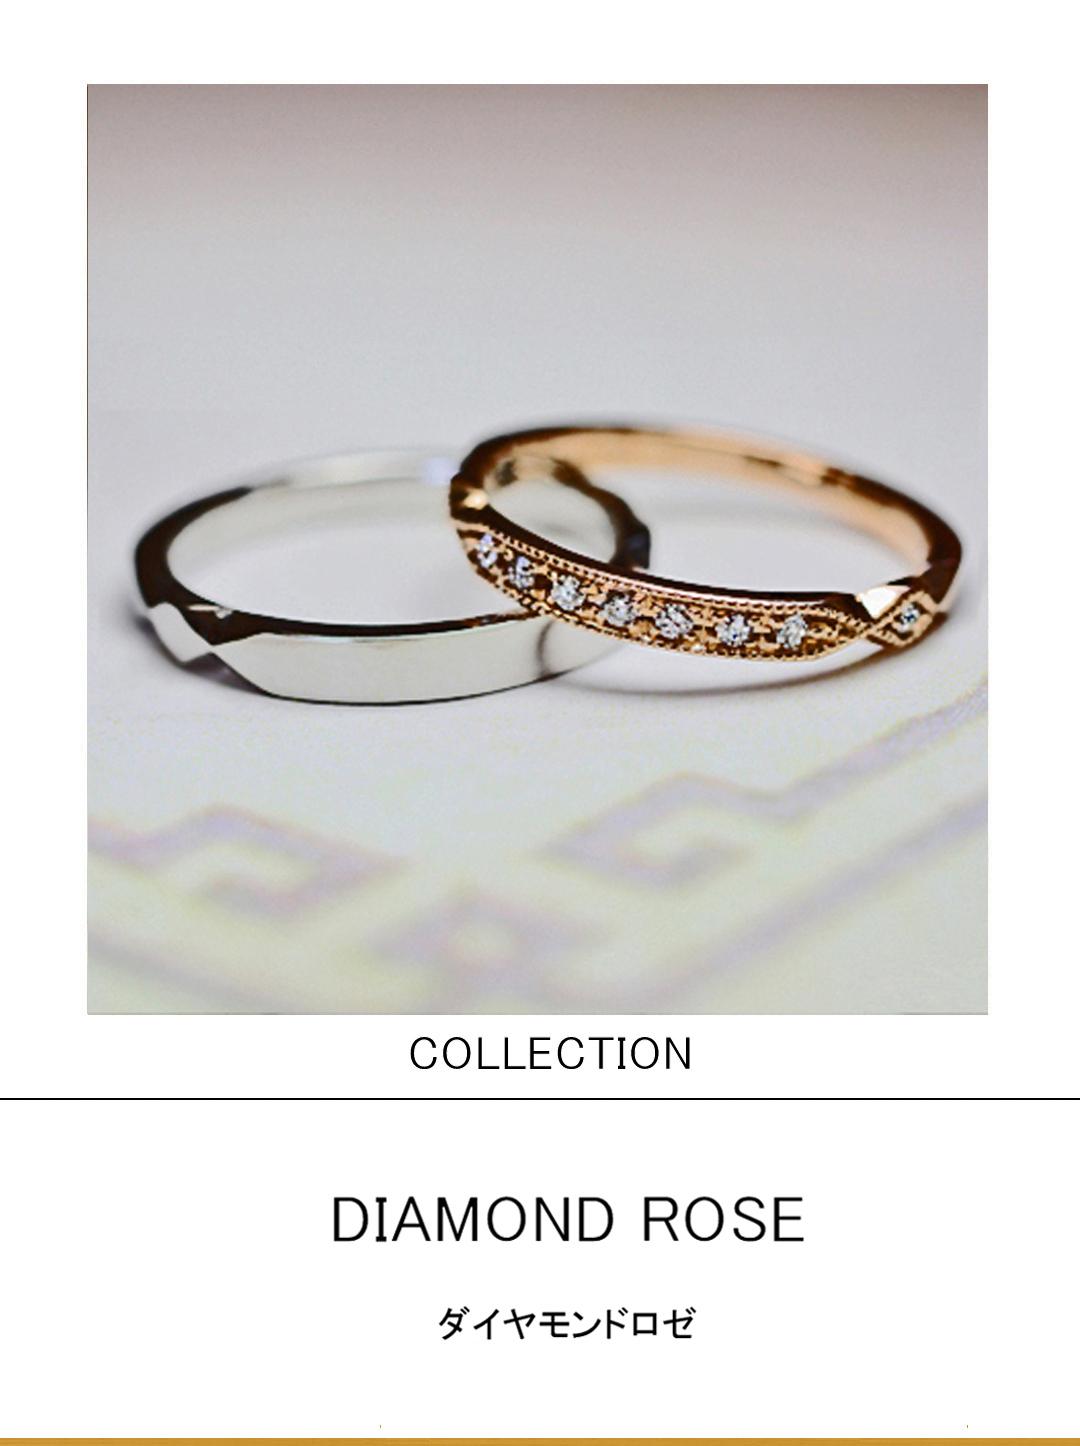 ピンクゴールド&ダイヤモンドのアンティークなデザインの結婚指輪のサムネイル